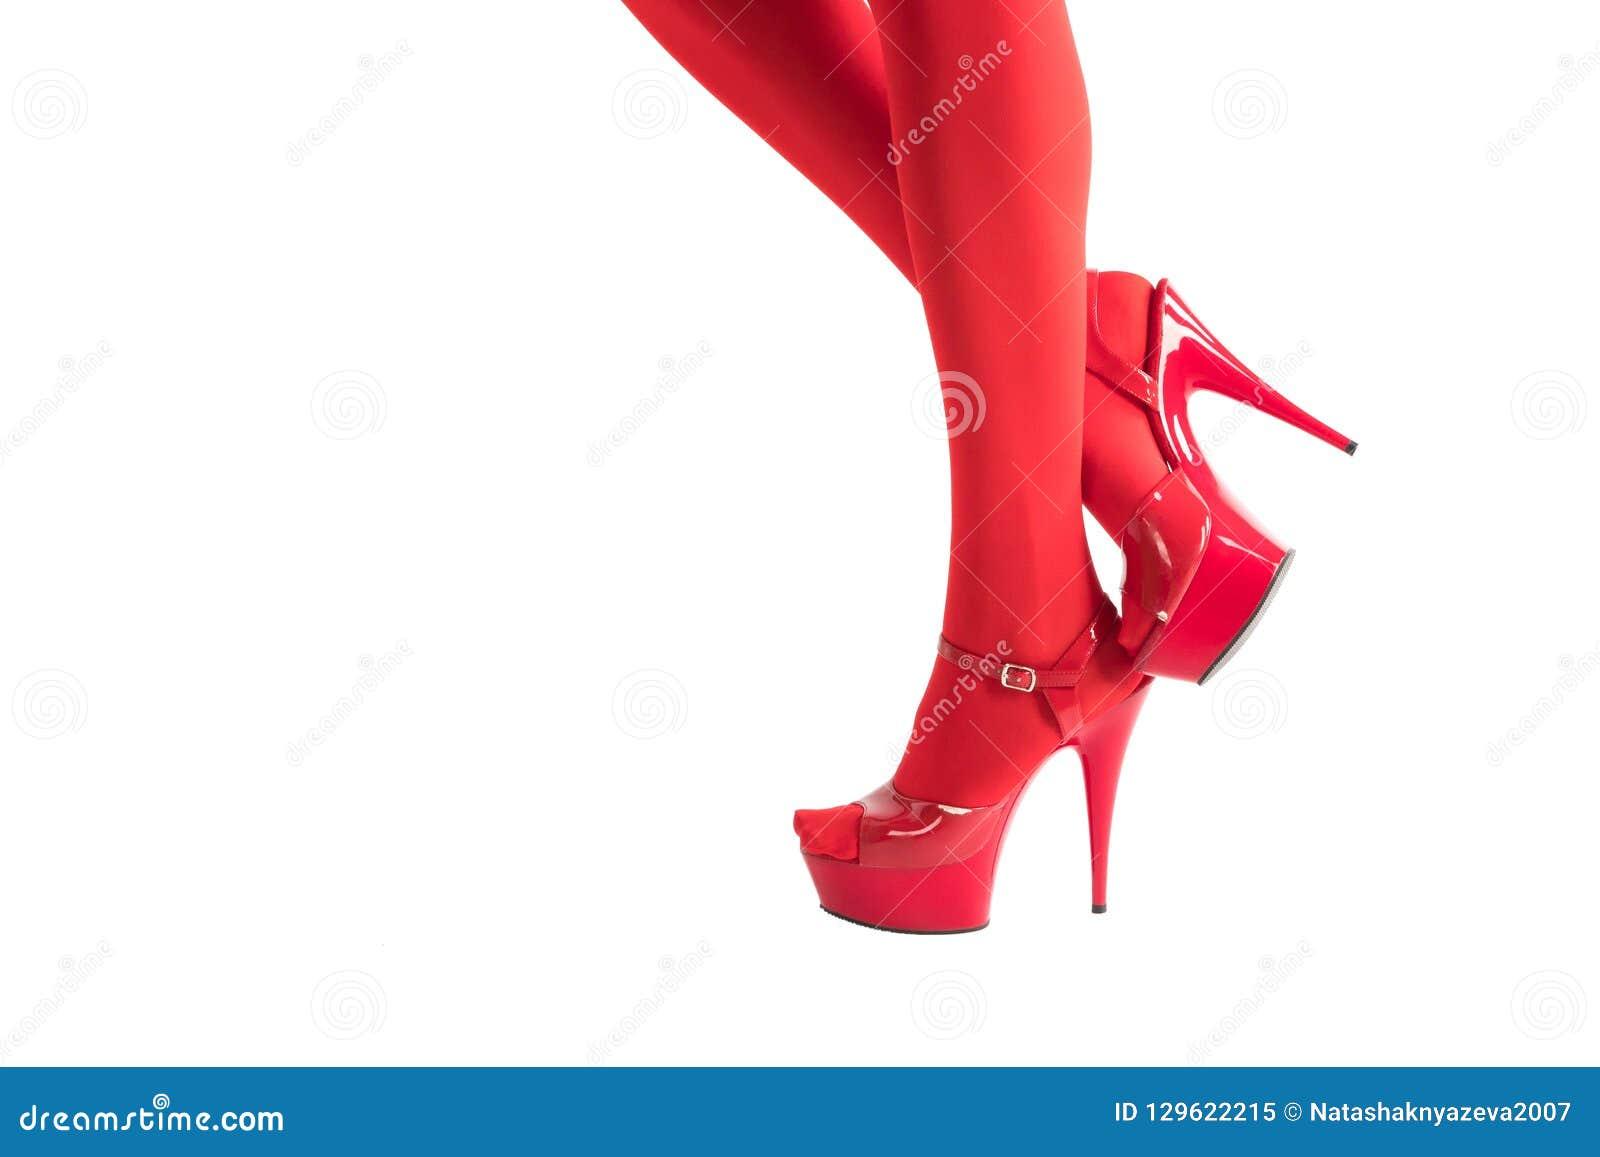 f8a82b891 Piernas Femeninas Atractivas En Medias Rojas Del Fetiche Y Tacones ...